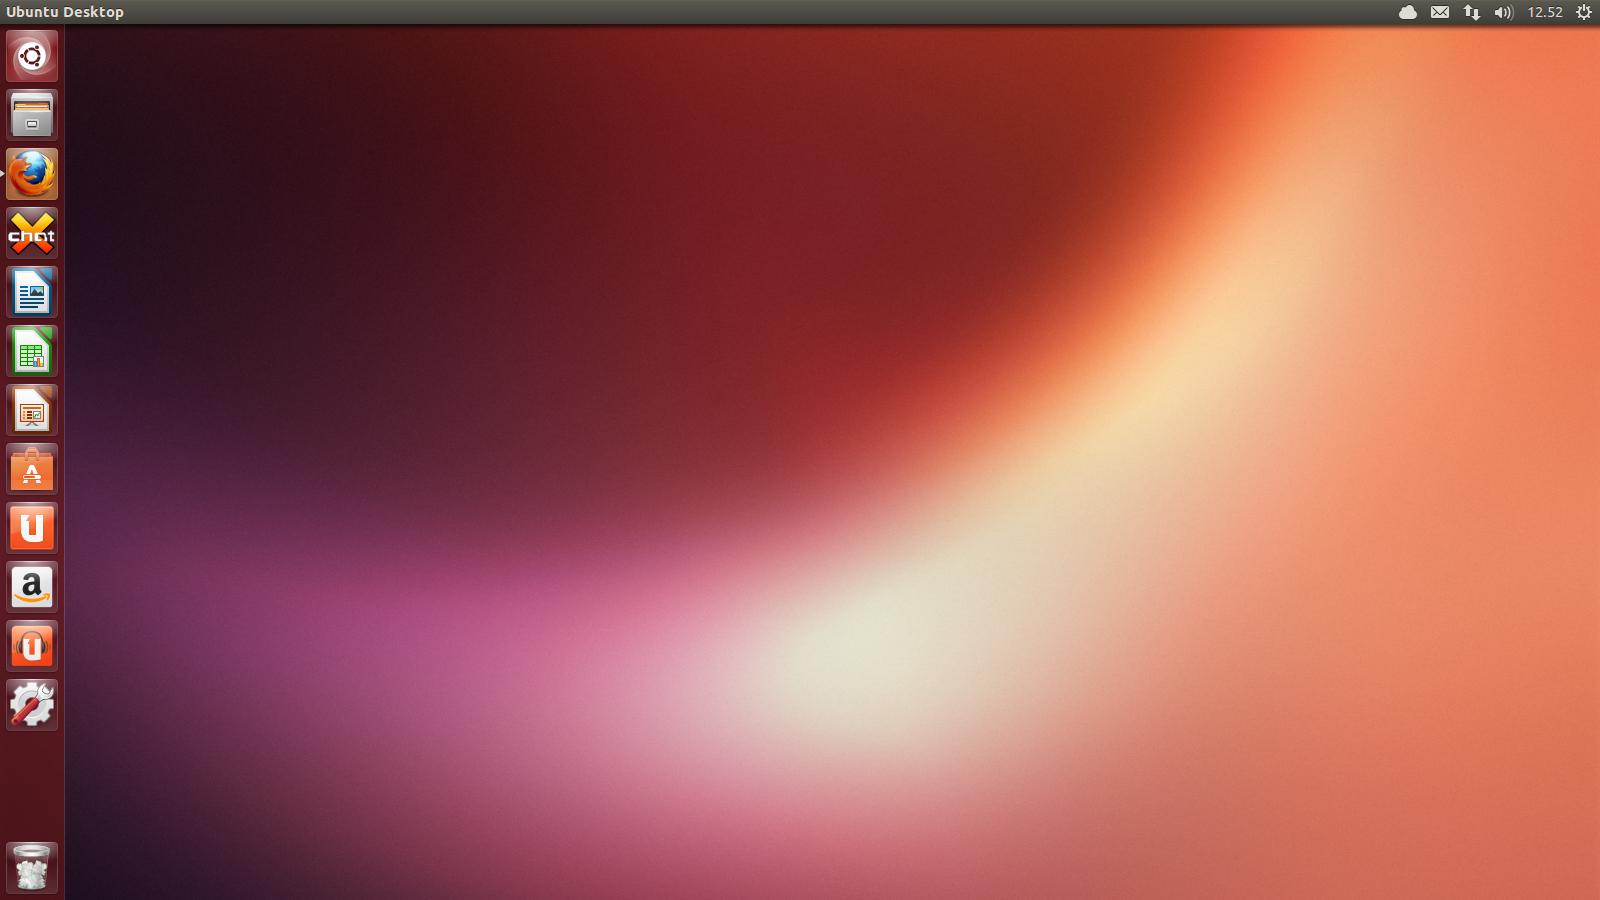 Ubuntu 13.04 rilasciato!